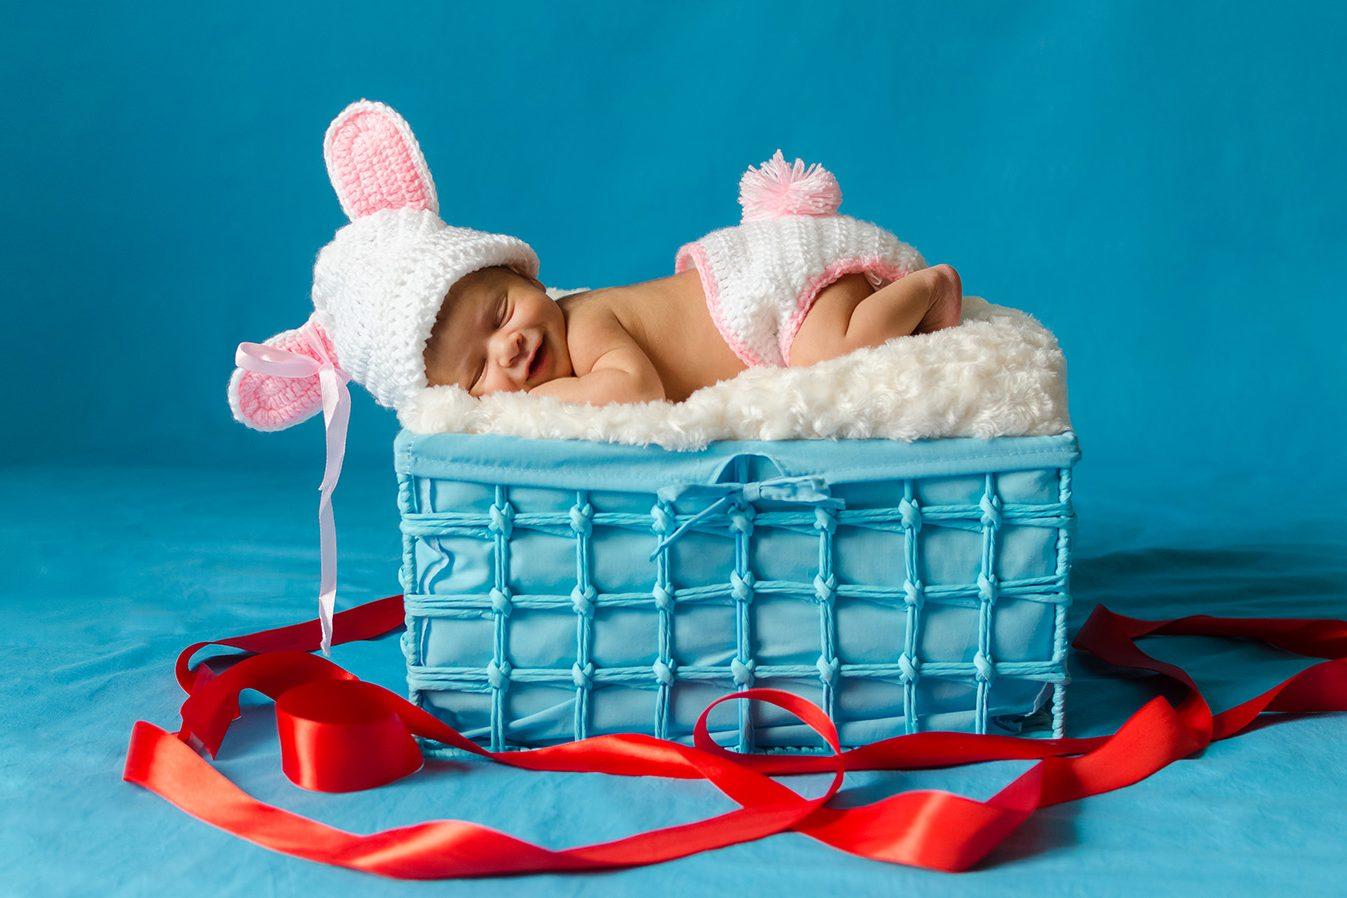 Photo d'un bébé dans un panier, sur fond bleu